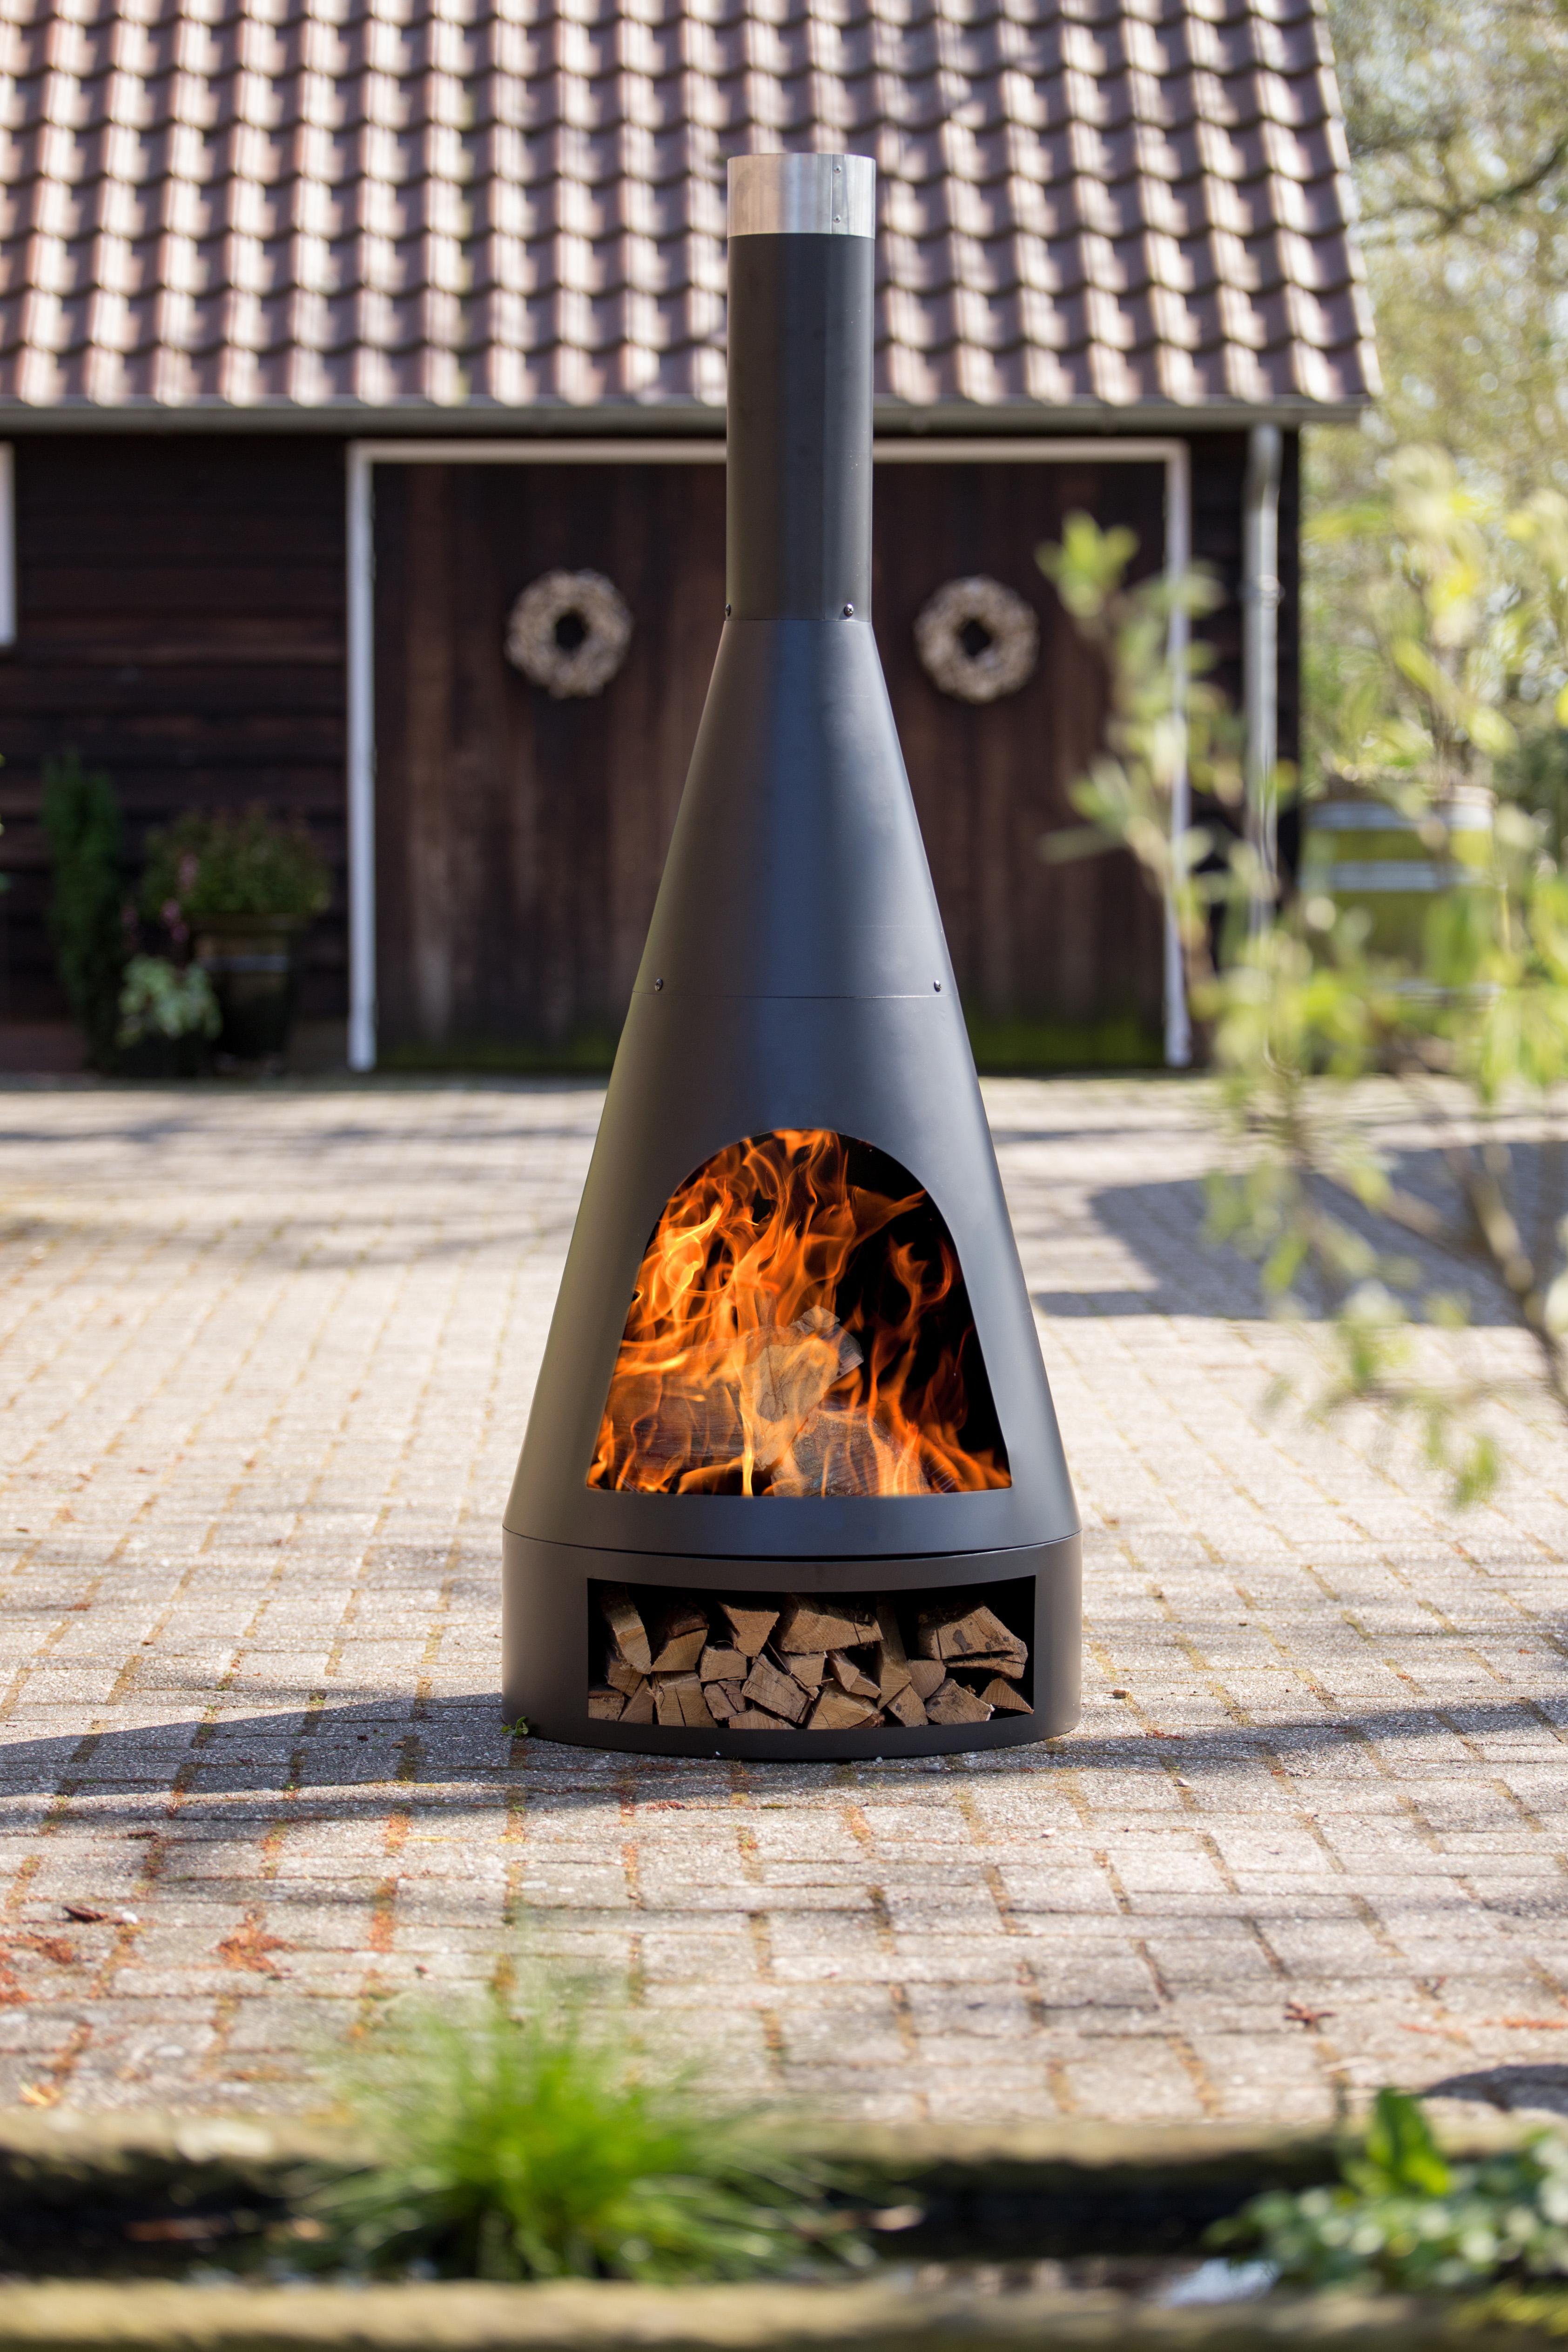 RedFire Terrashaard Fireplace Kingston Medium met Houtopslag